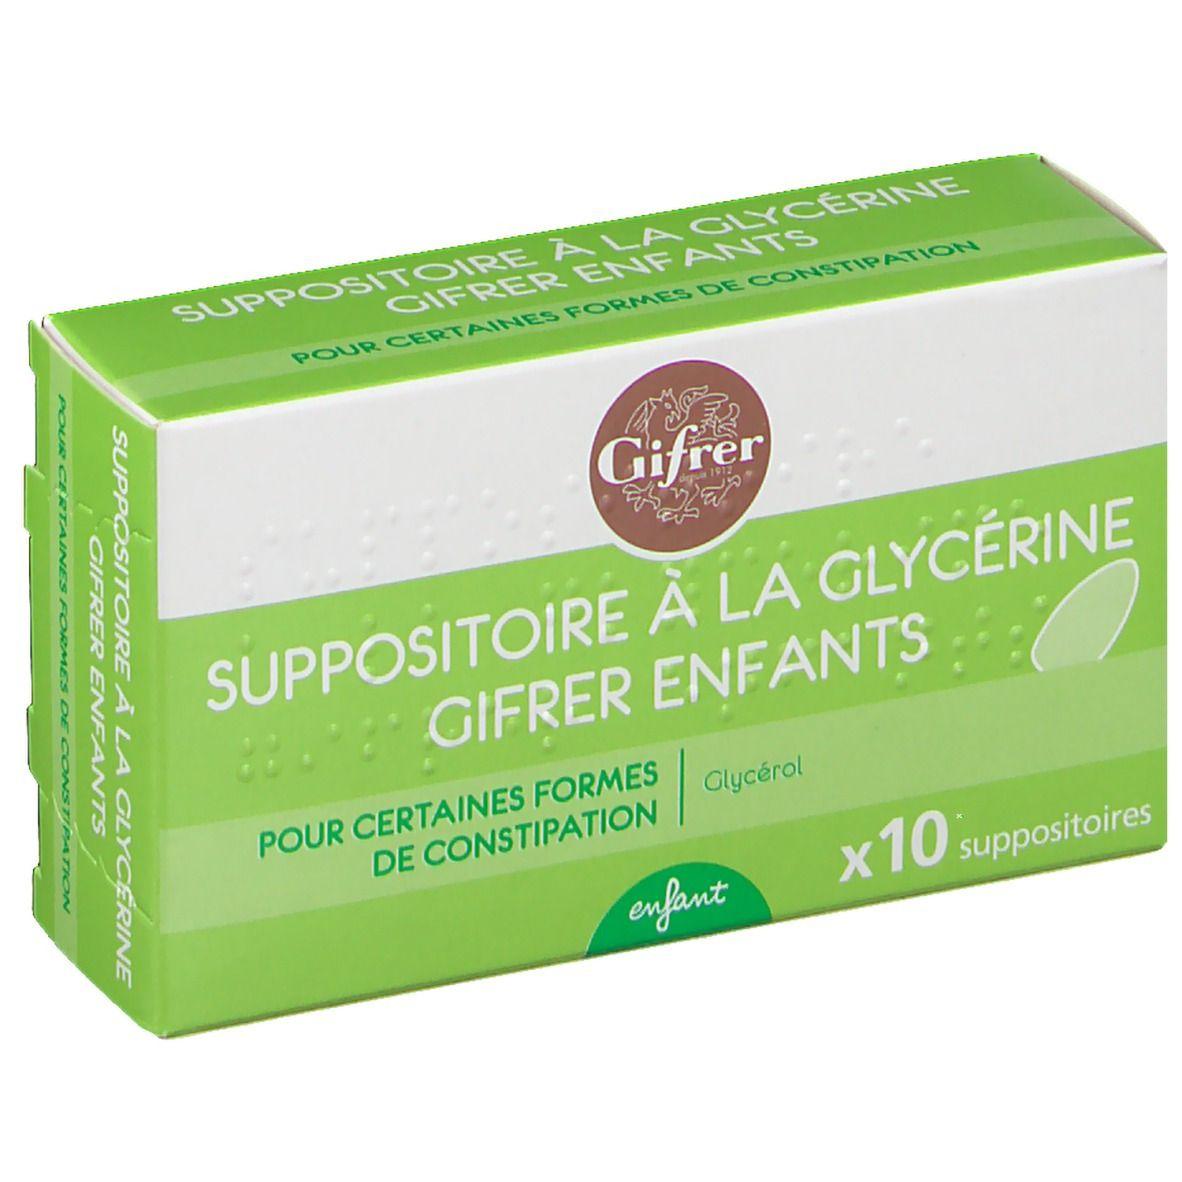 Gifrer Suppositoire à la Glycerine Glycérol - Enfant pc(s) suppositoire(s) pour enfants